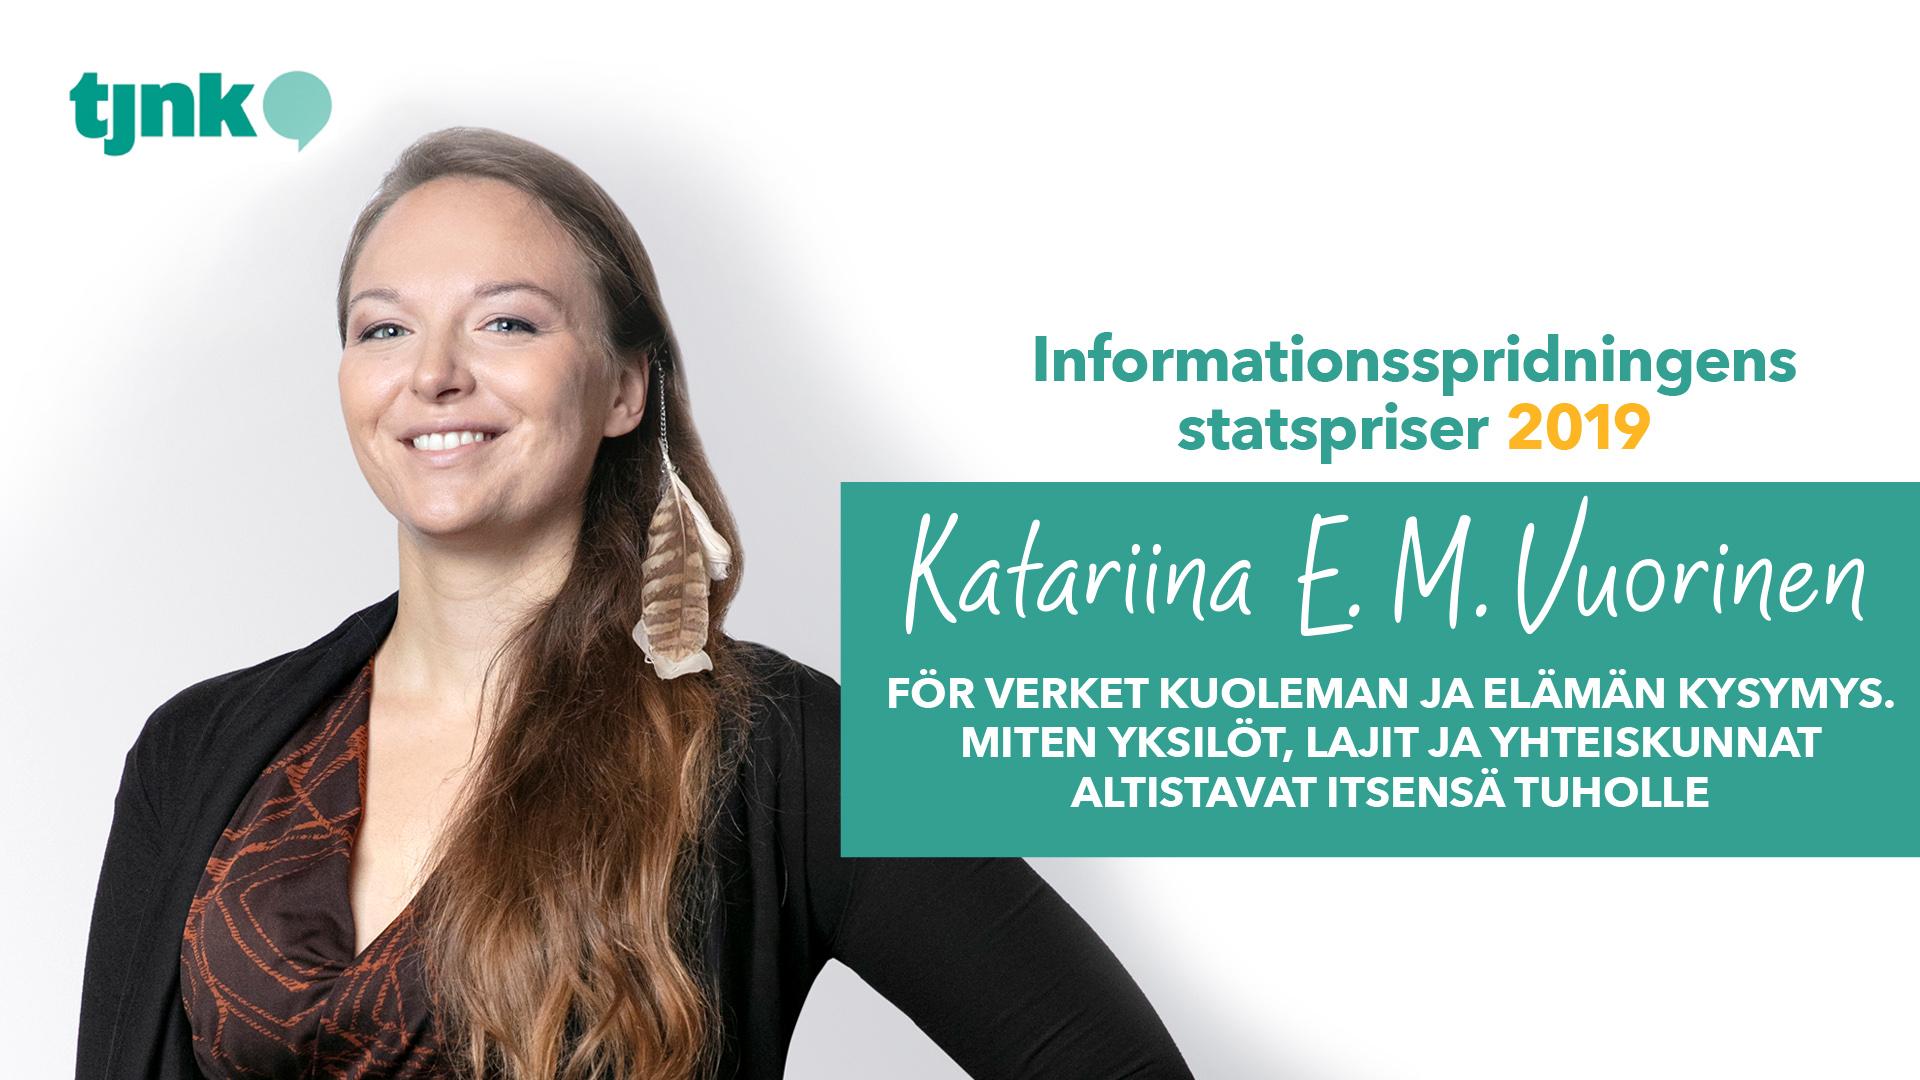 Katariina E. M. Vuorinen